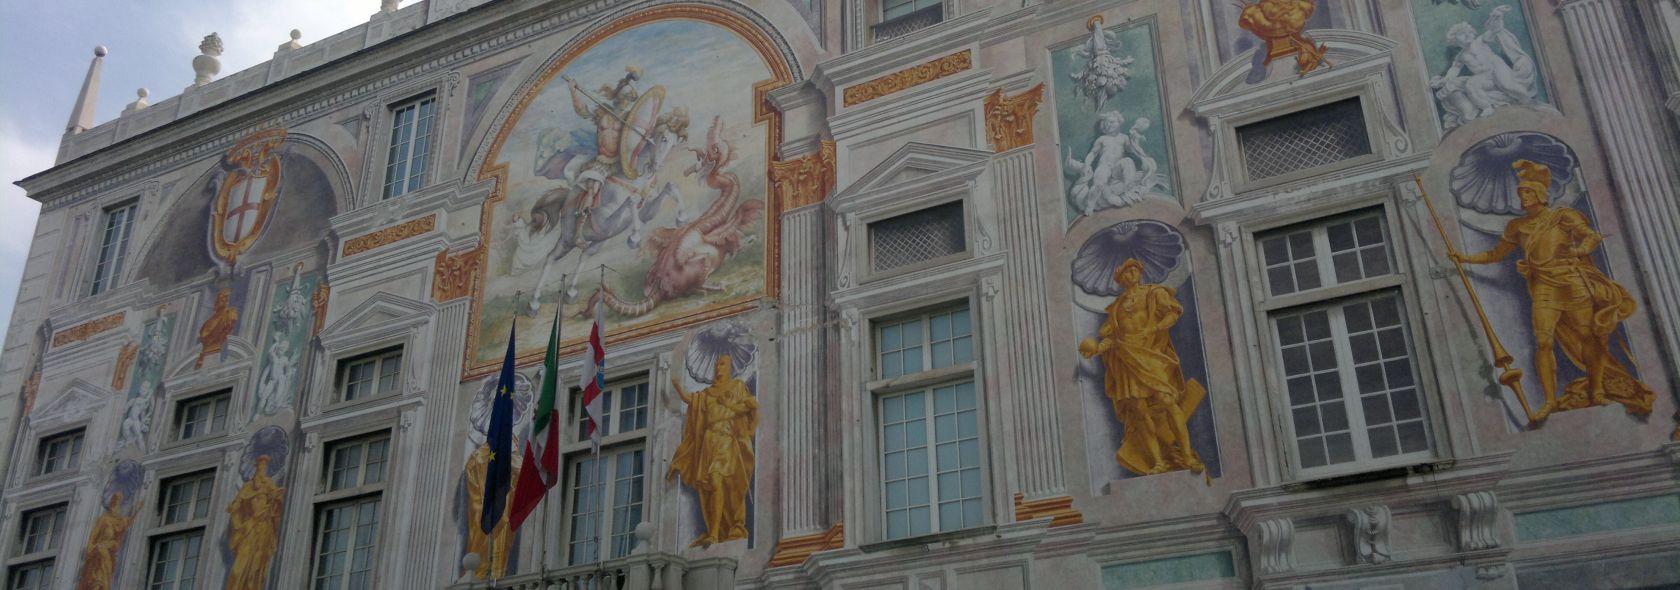 La facciata cinquecentesca del palazzo San Giorgio